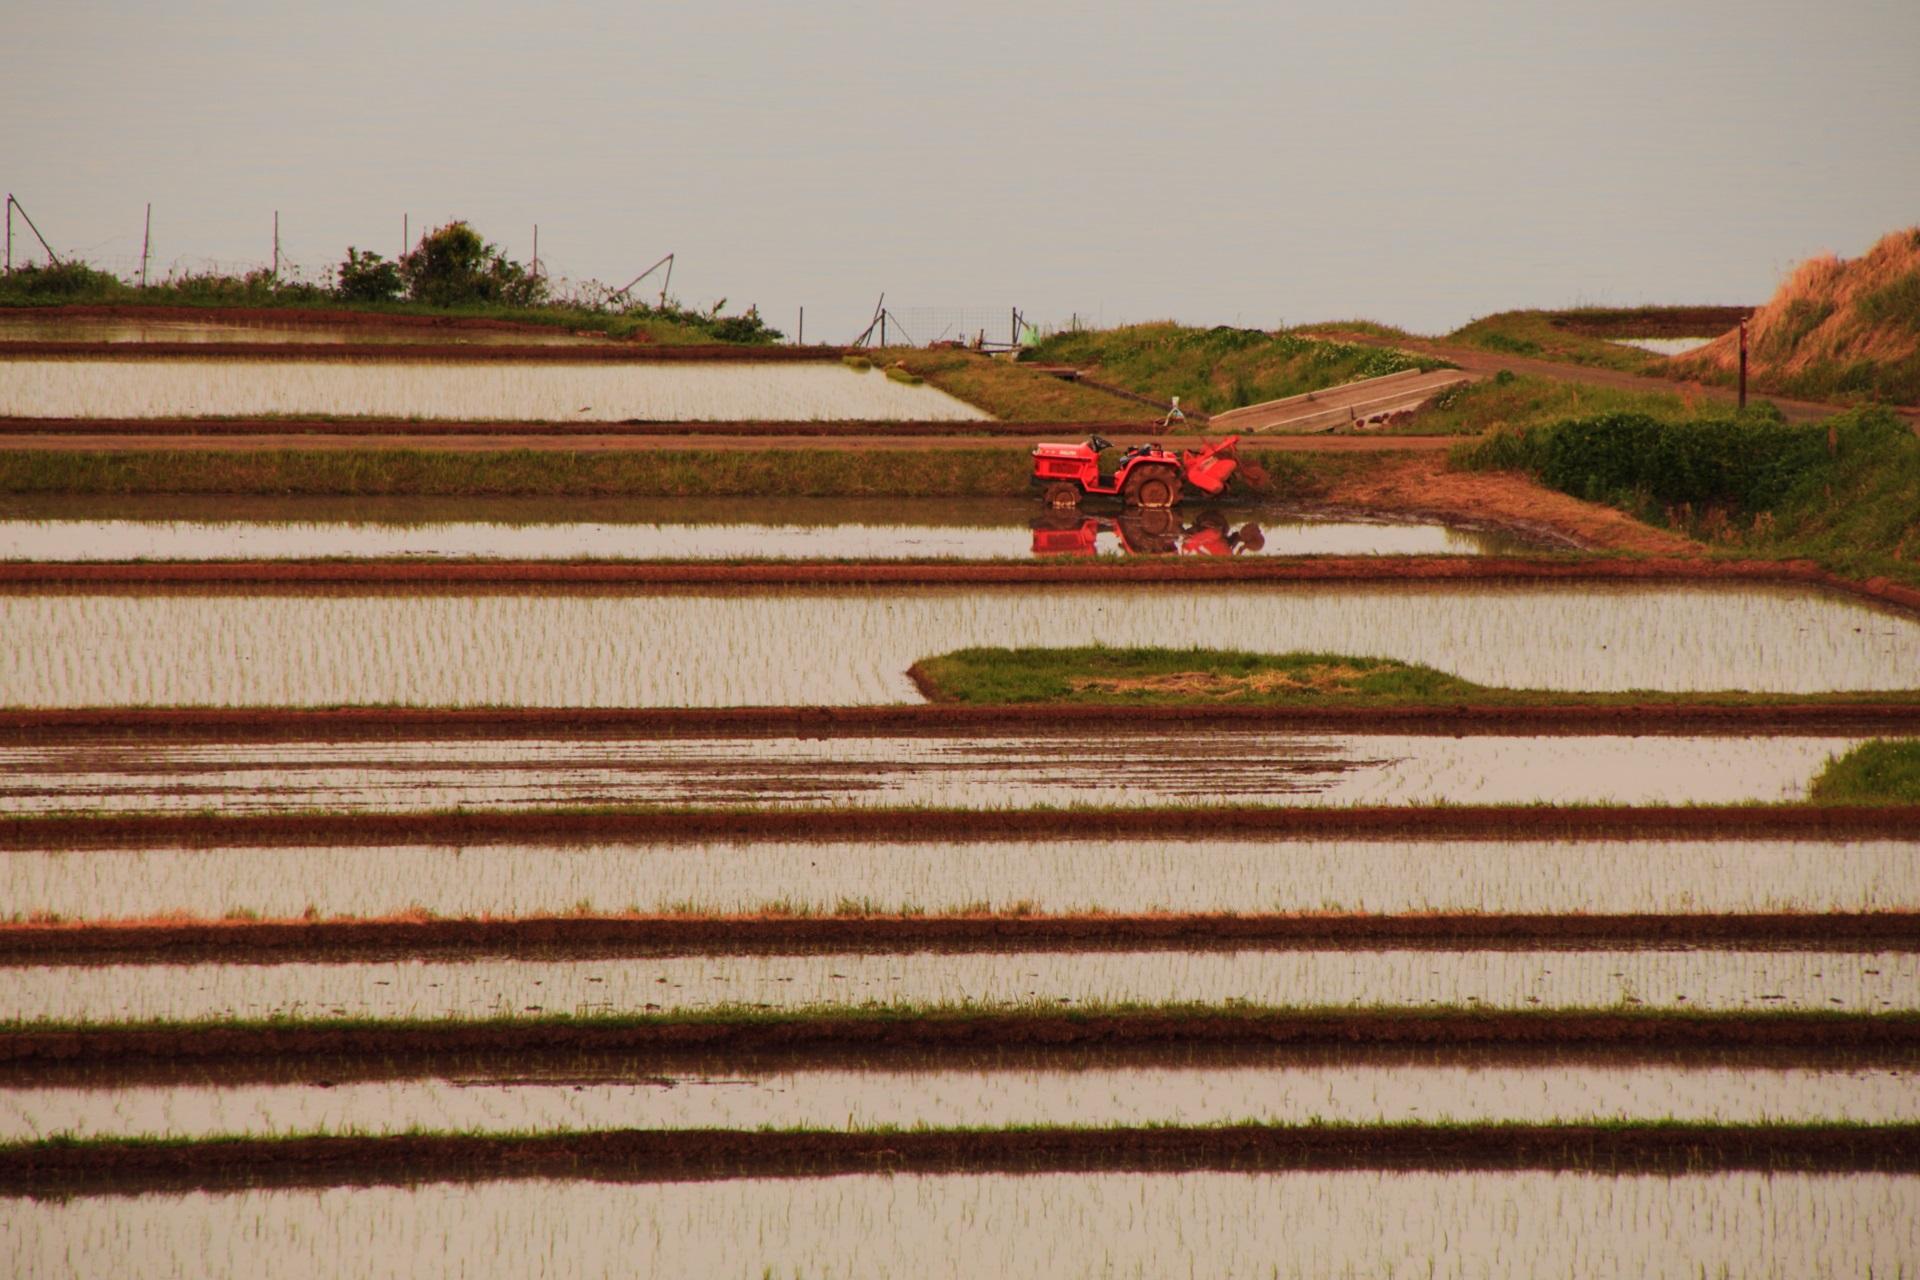 何とも味のある夕陽を浴びて田んぼに佇むトラクター